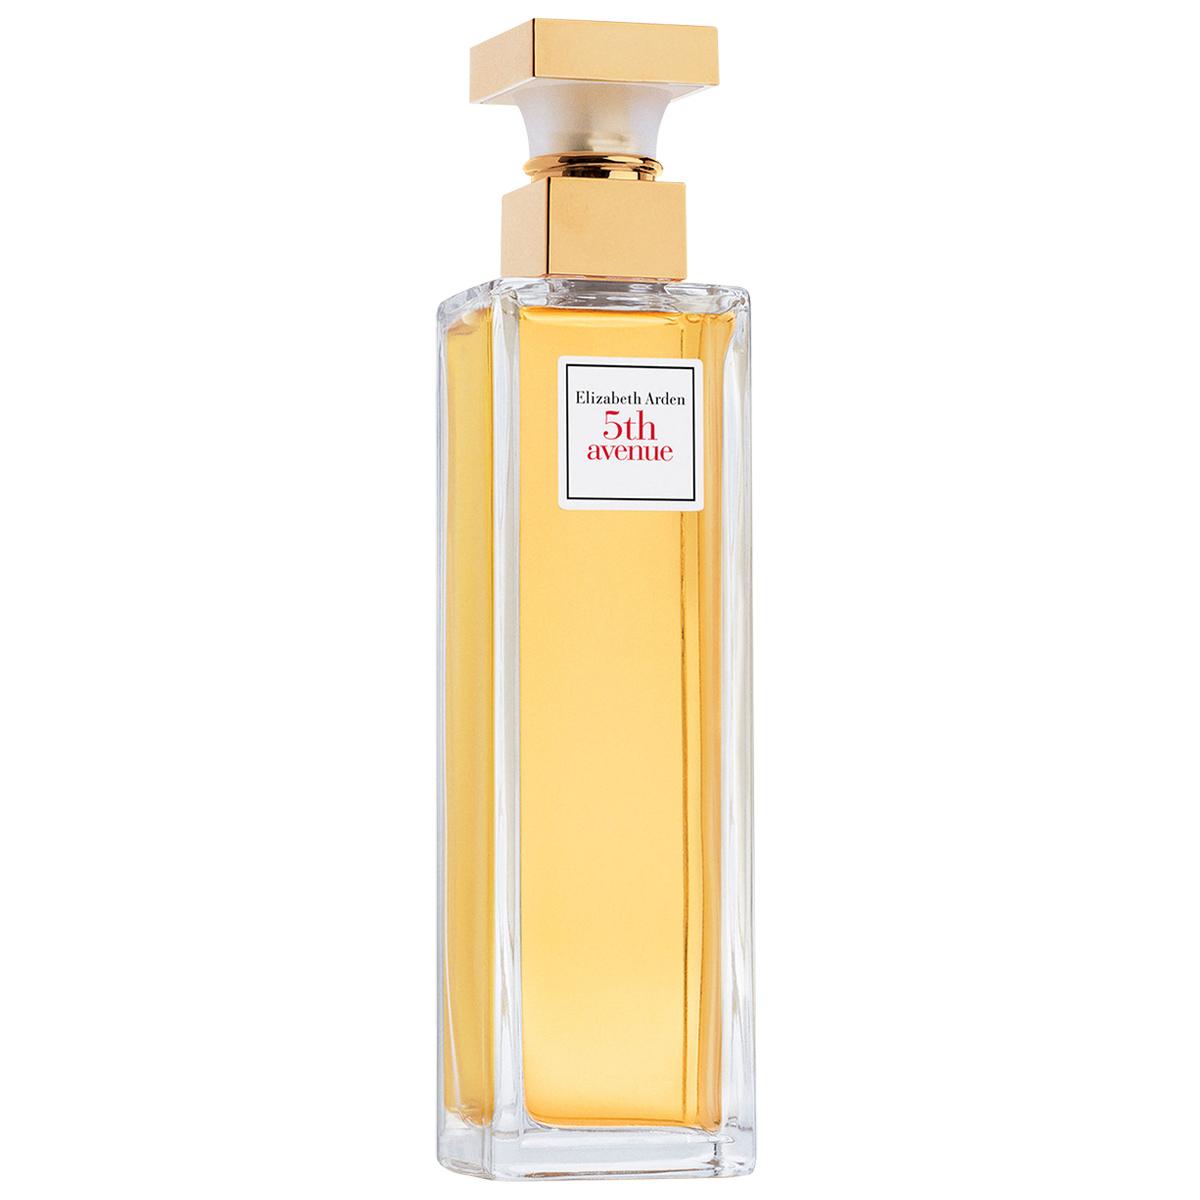 Elizabeth Arden - 5th Avenue - Eau de Parfum